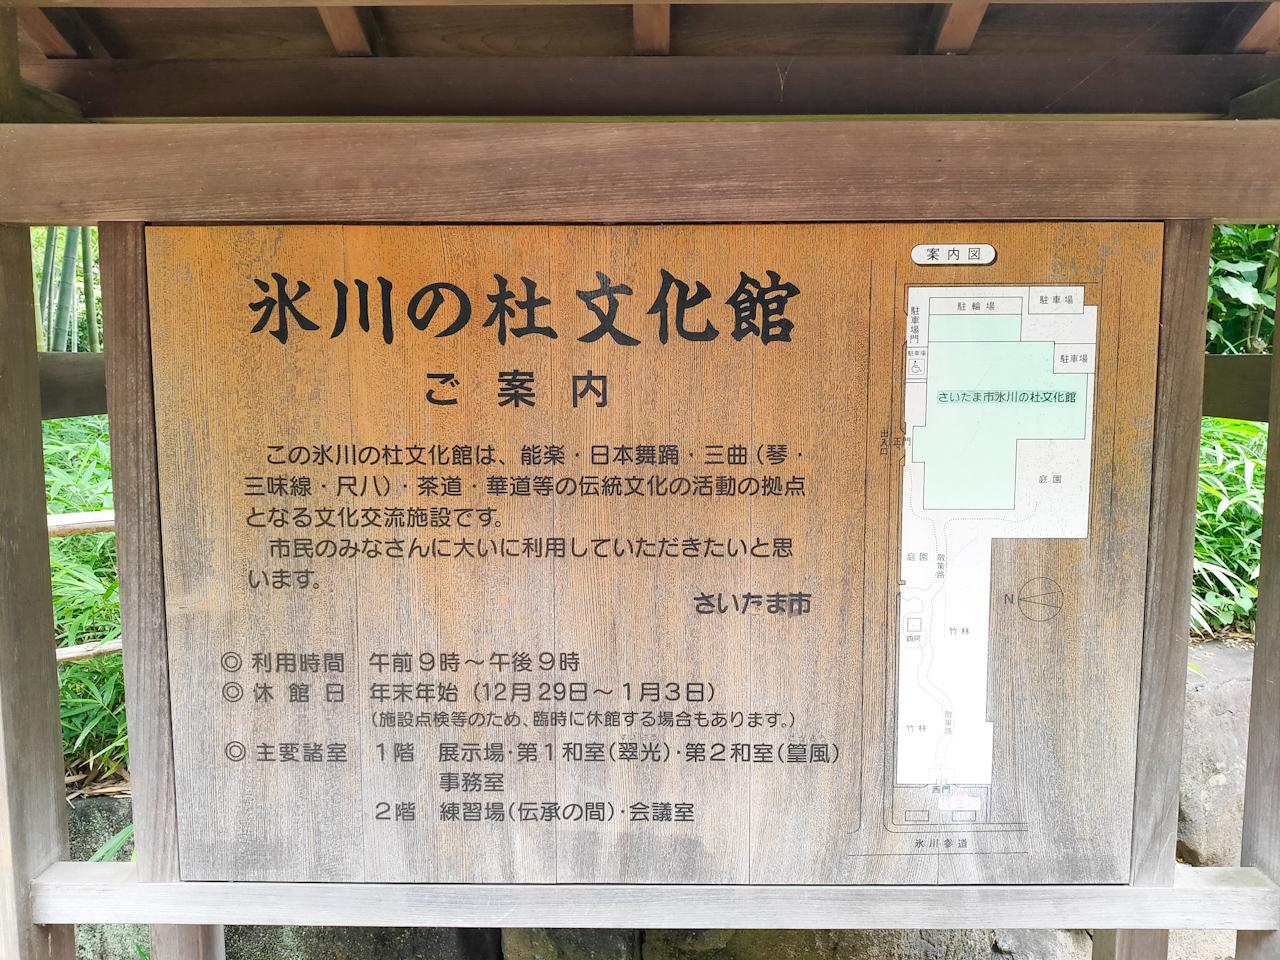 能楽や狂言、日本舞踊、茶道、華道などの練習や活動を行えます。